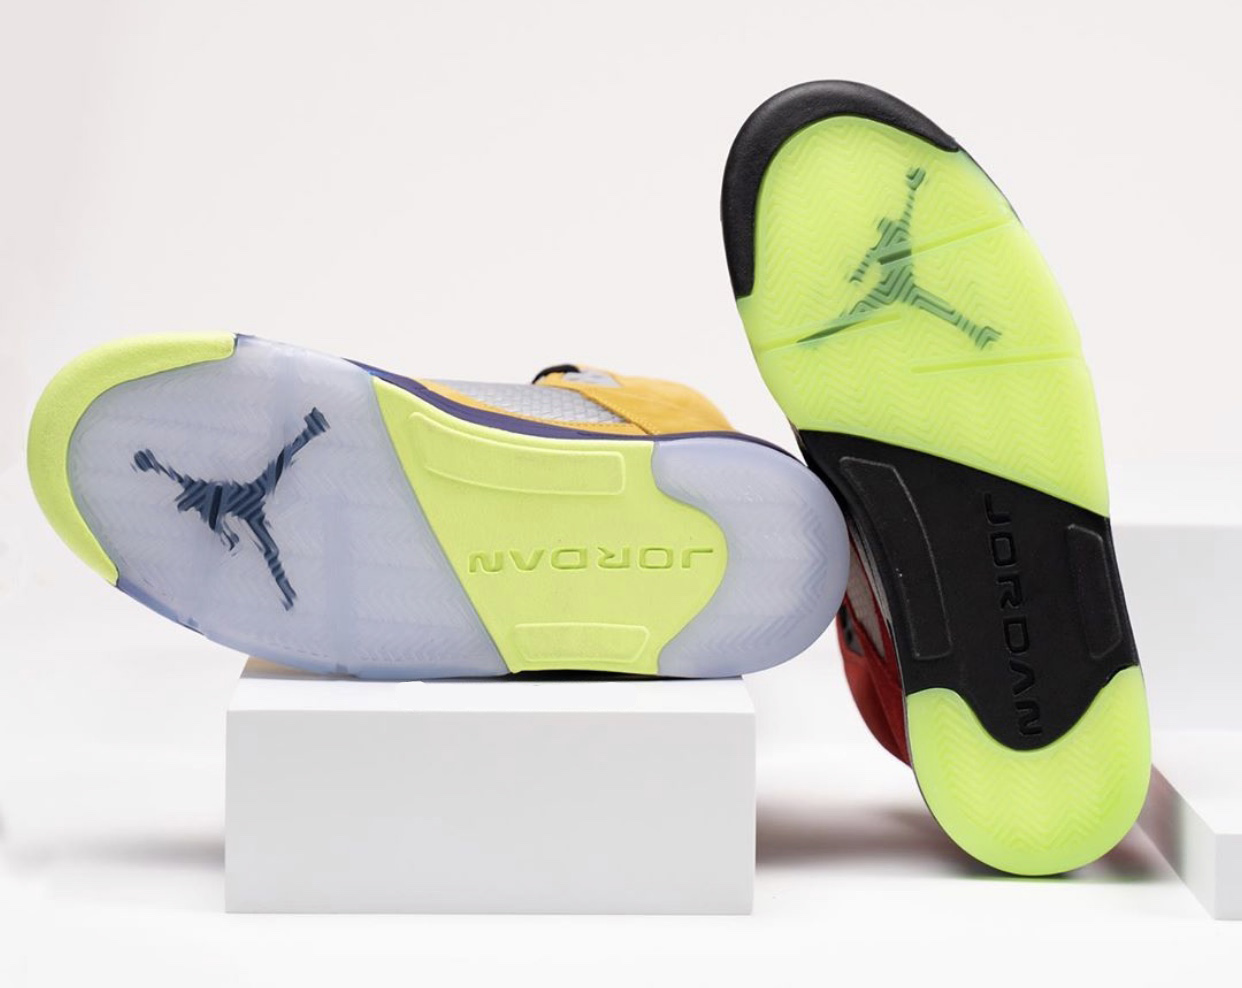 zsneakerheadz, What The, Jordan Brand, Jordan 5, Jordan, Air Jordan 5 Retro, Air Jordan 5, Air Jordan, 3M反光